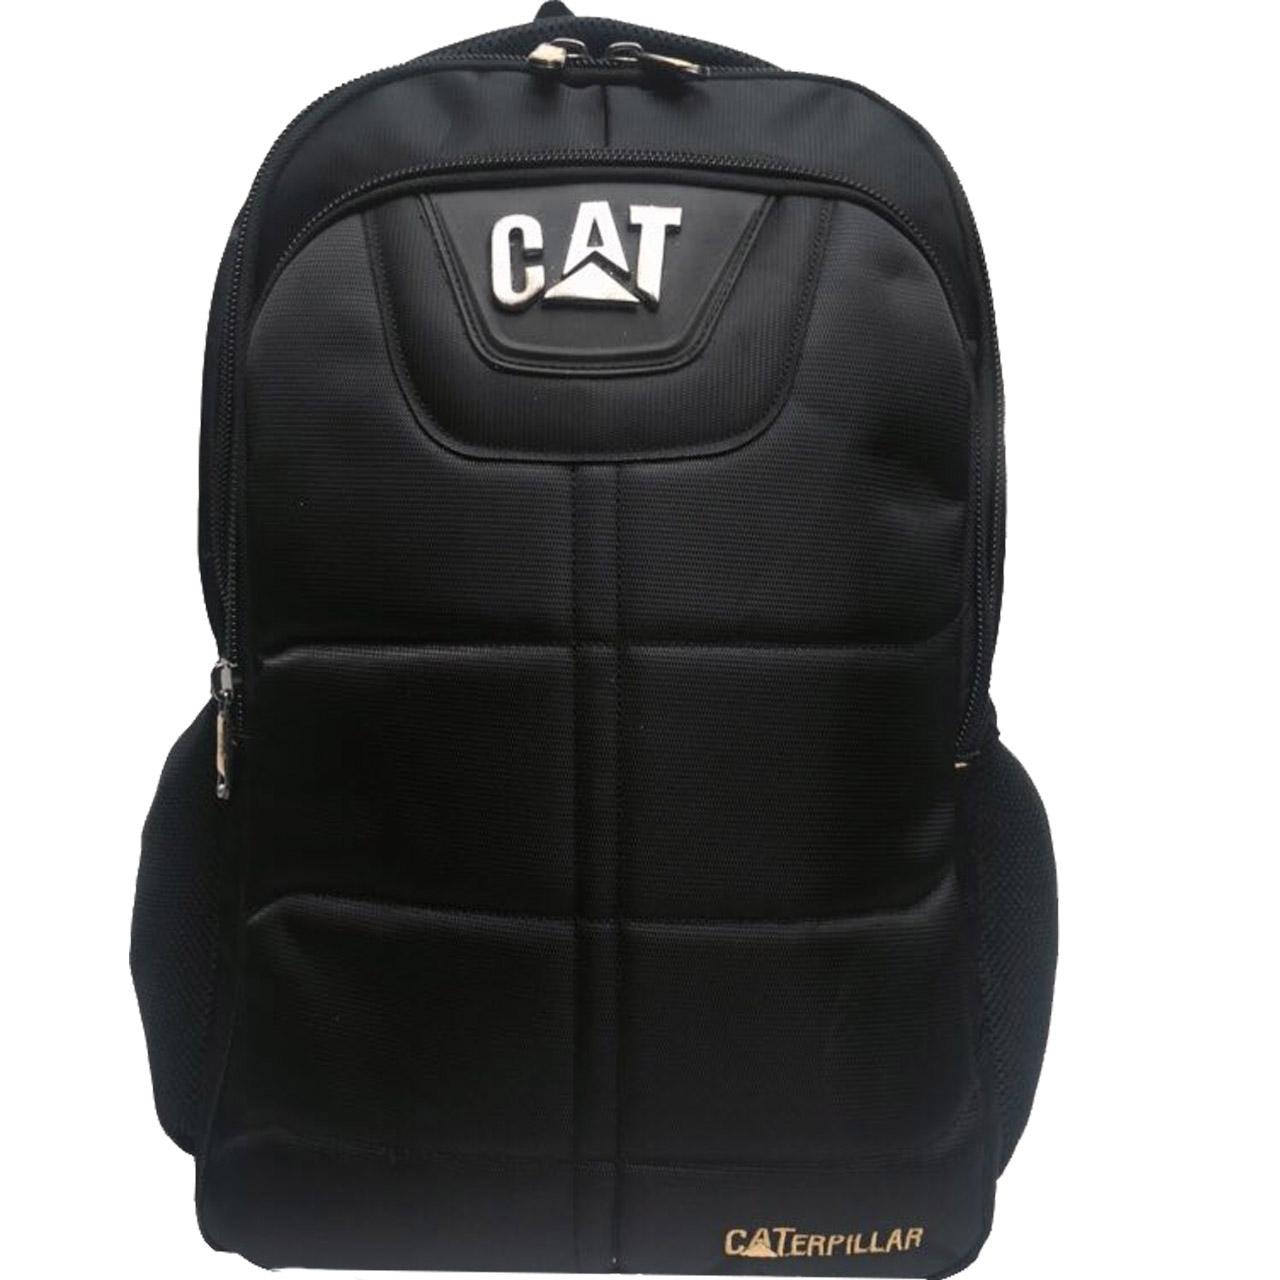 کوله پشتی لپ تاپ مدل CA1023 مناسب برای لپ تاپ 17 اینچی